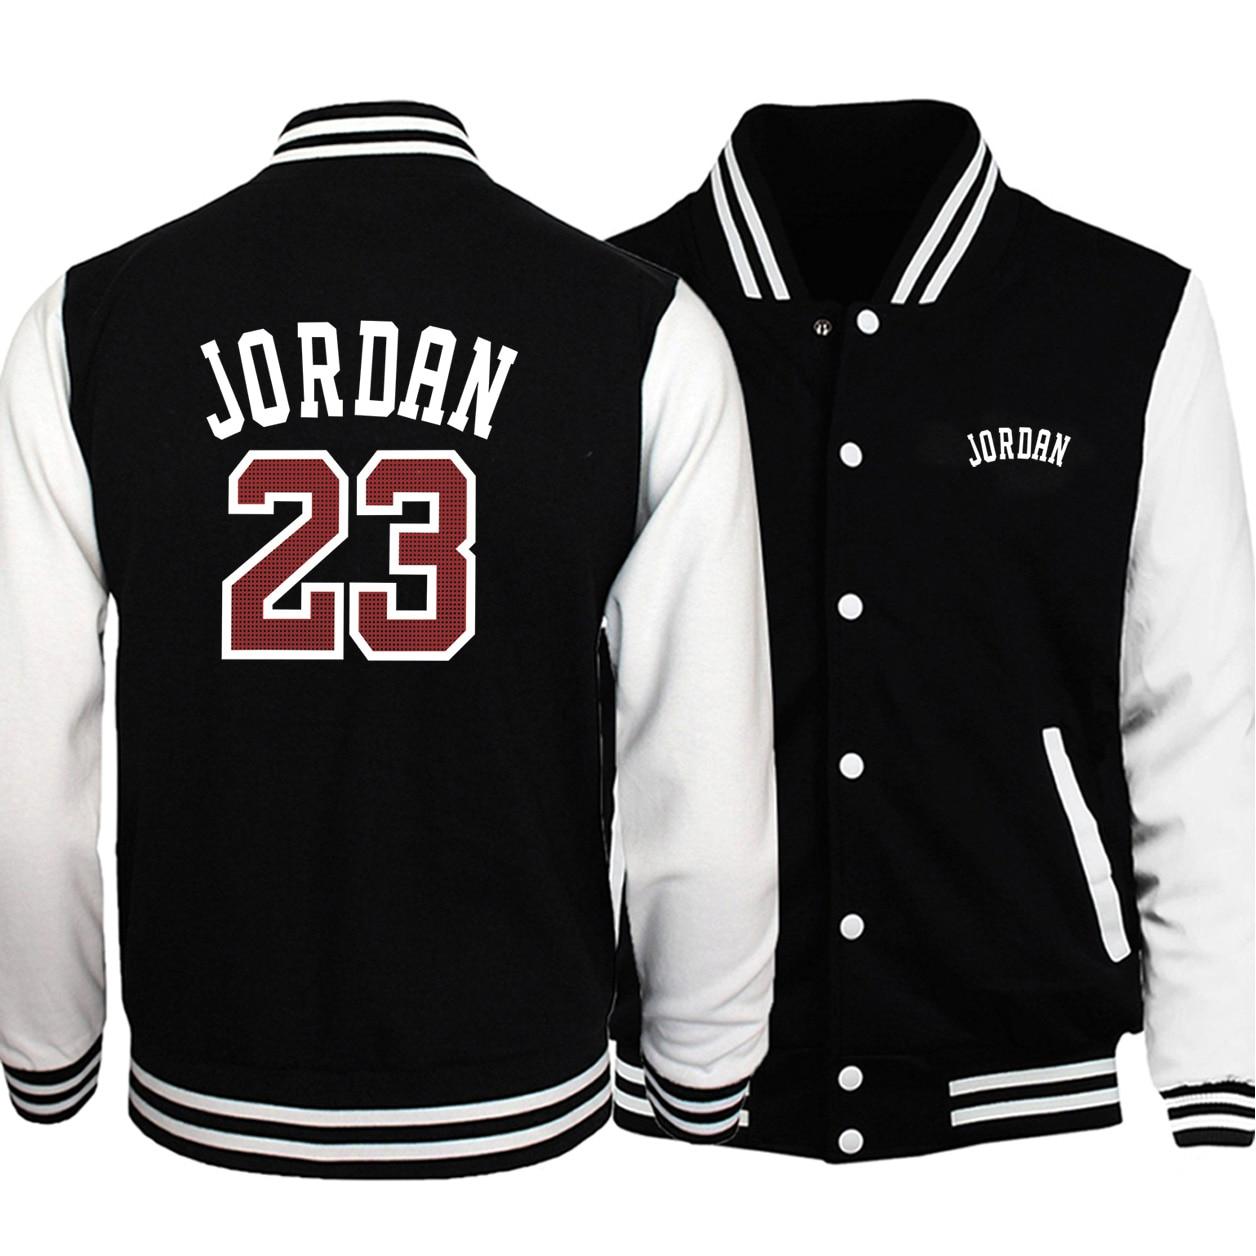 Offre spéciale hommes Baseball uniforme manteau 2019 automne Bomber veste Jordan 23 imprimer Streetwear survêtement de sport hanche chaude hommes marque manteaux